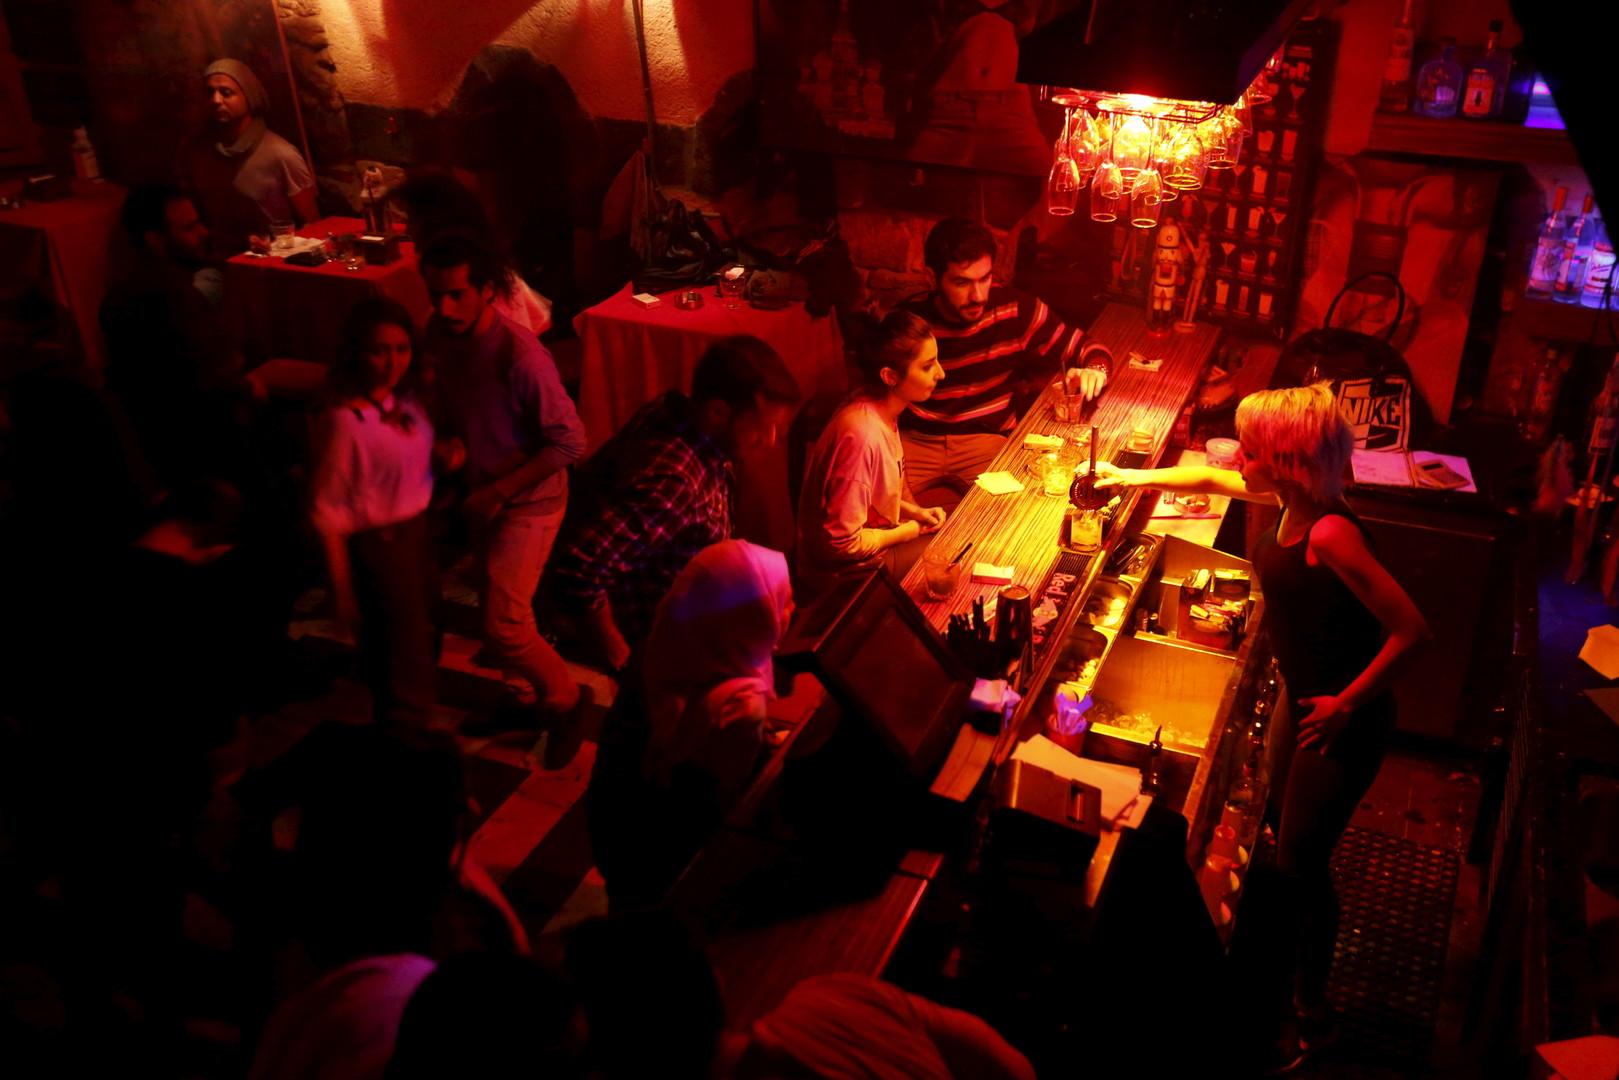 """Dana (rechts) bedient Kunden in der """"Red Bar"""". Damaskus, 11. März 2016"""